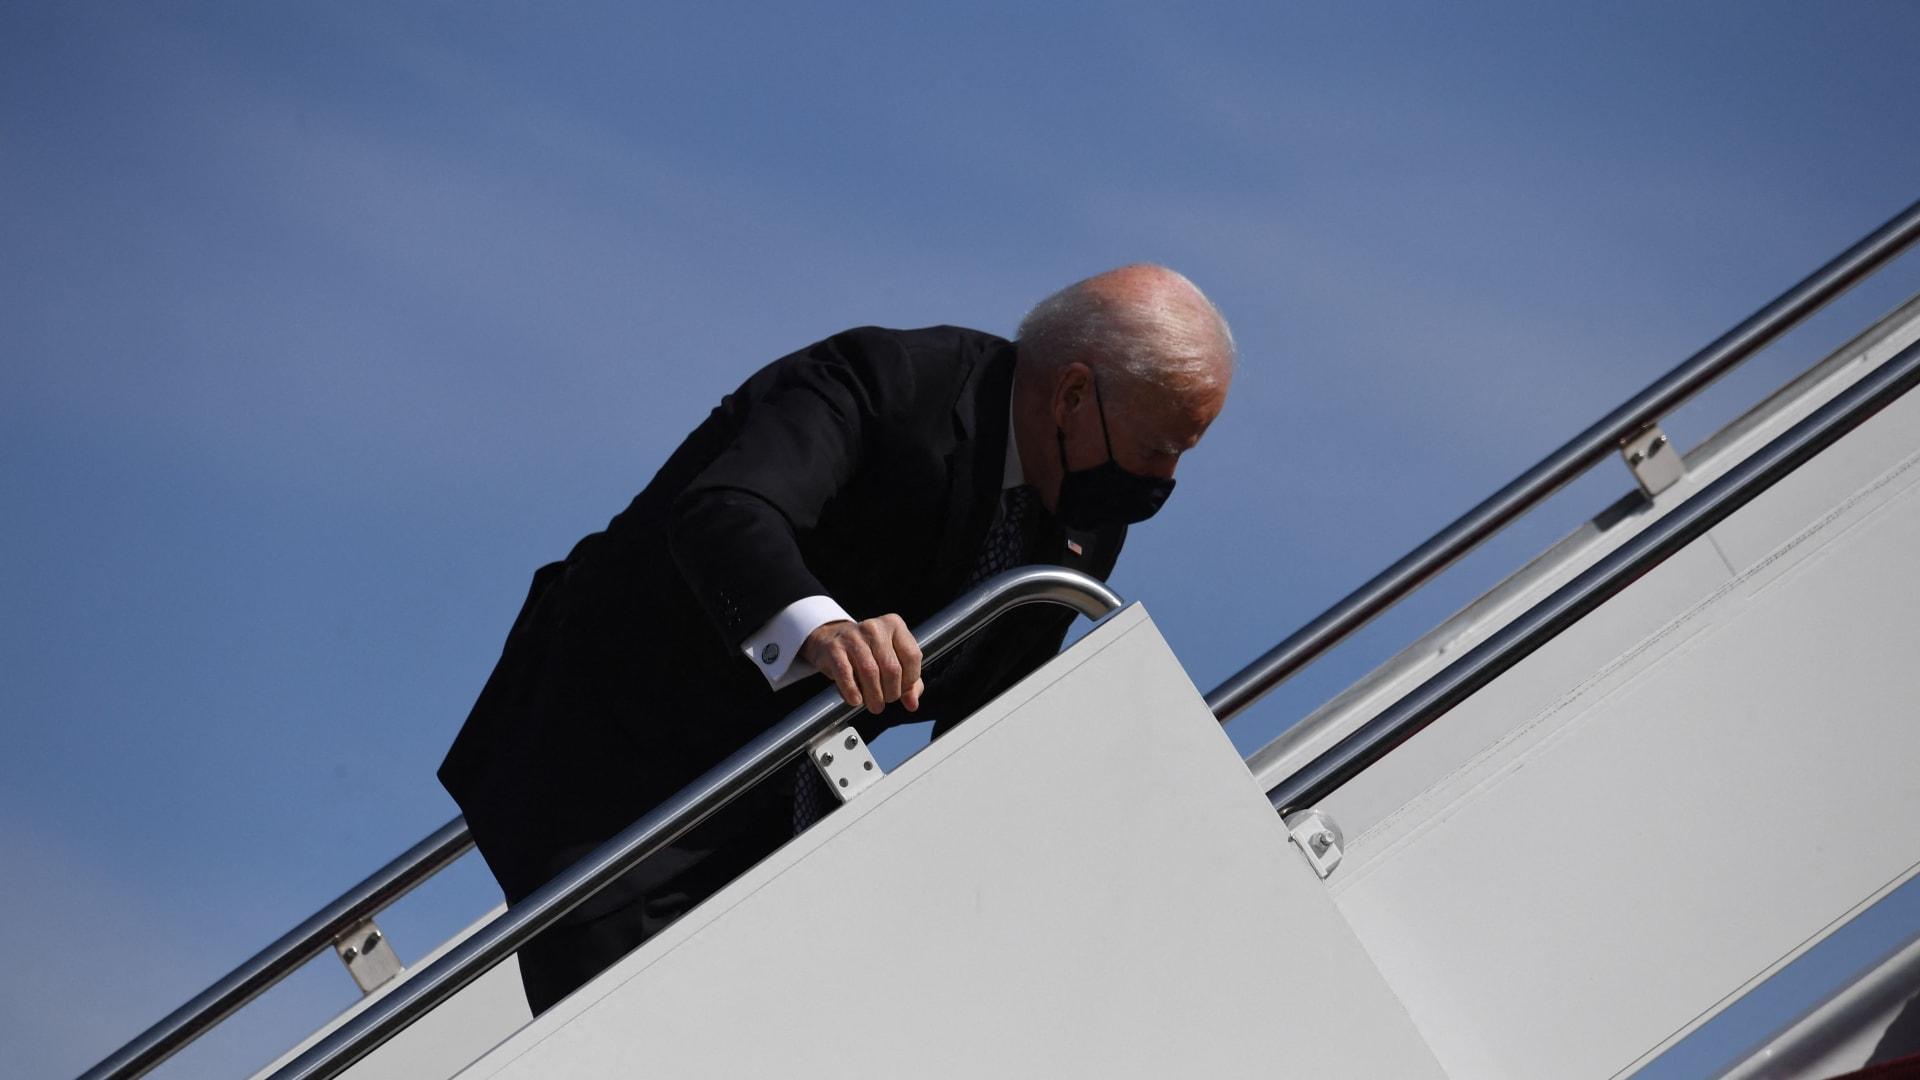 البيت الأبيض يكشف حالة بايدن بعد تعثره على سلم طائرة الرئاسة: وقع بسبب الرياح